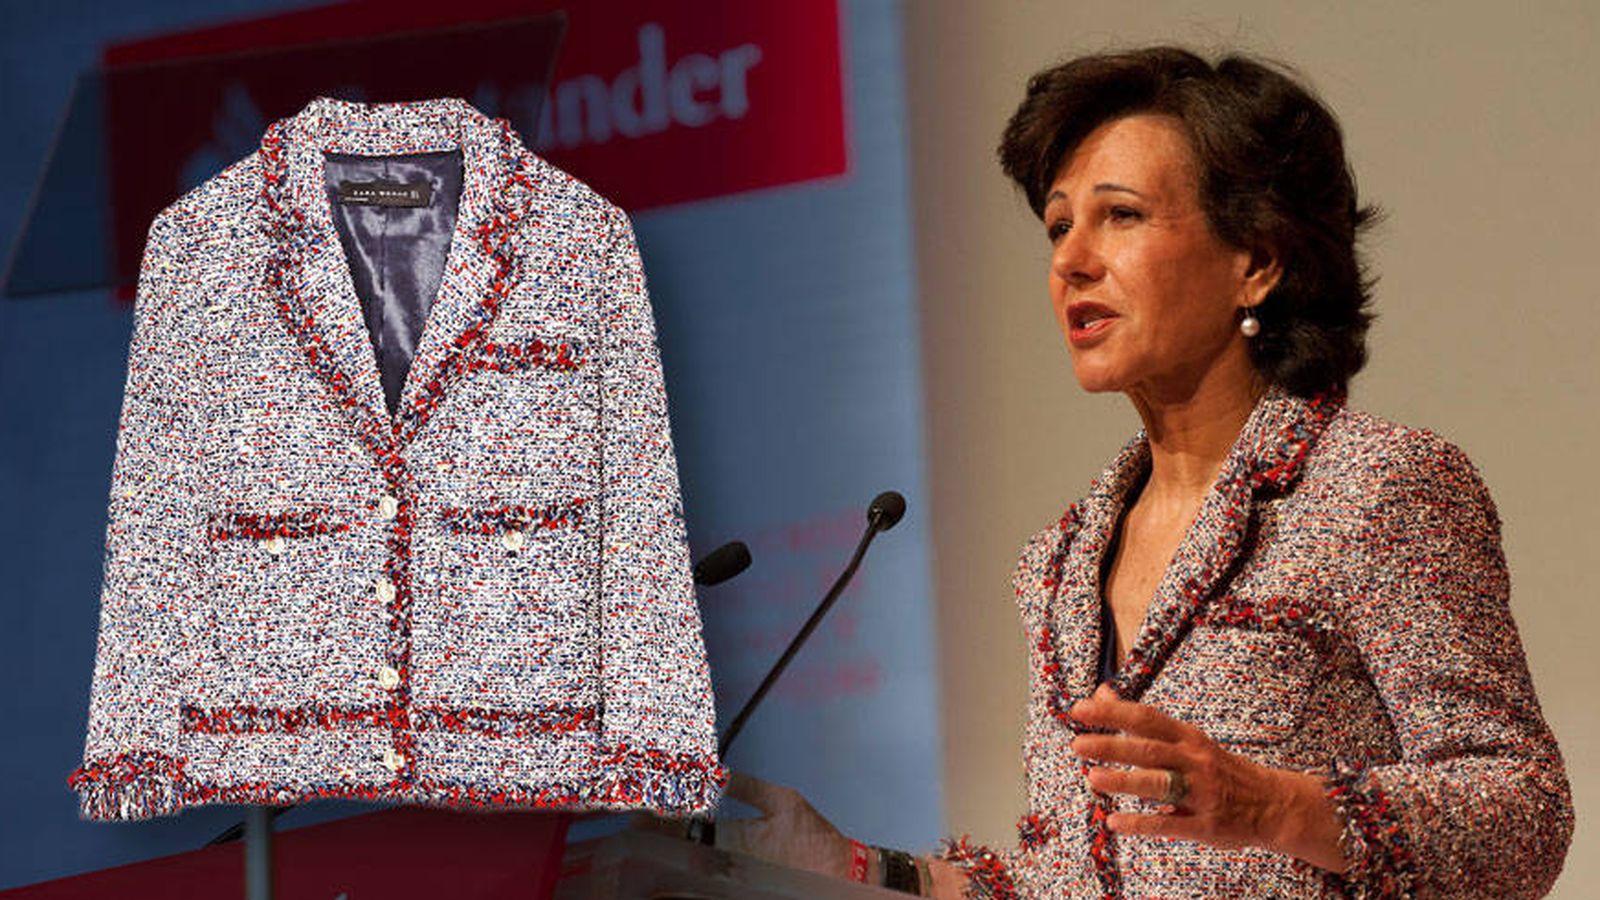 Foto: Ana Patricia Botín y su chaqueta en un fotomontaje de Vanitatis.